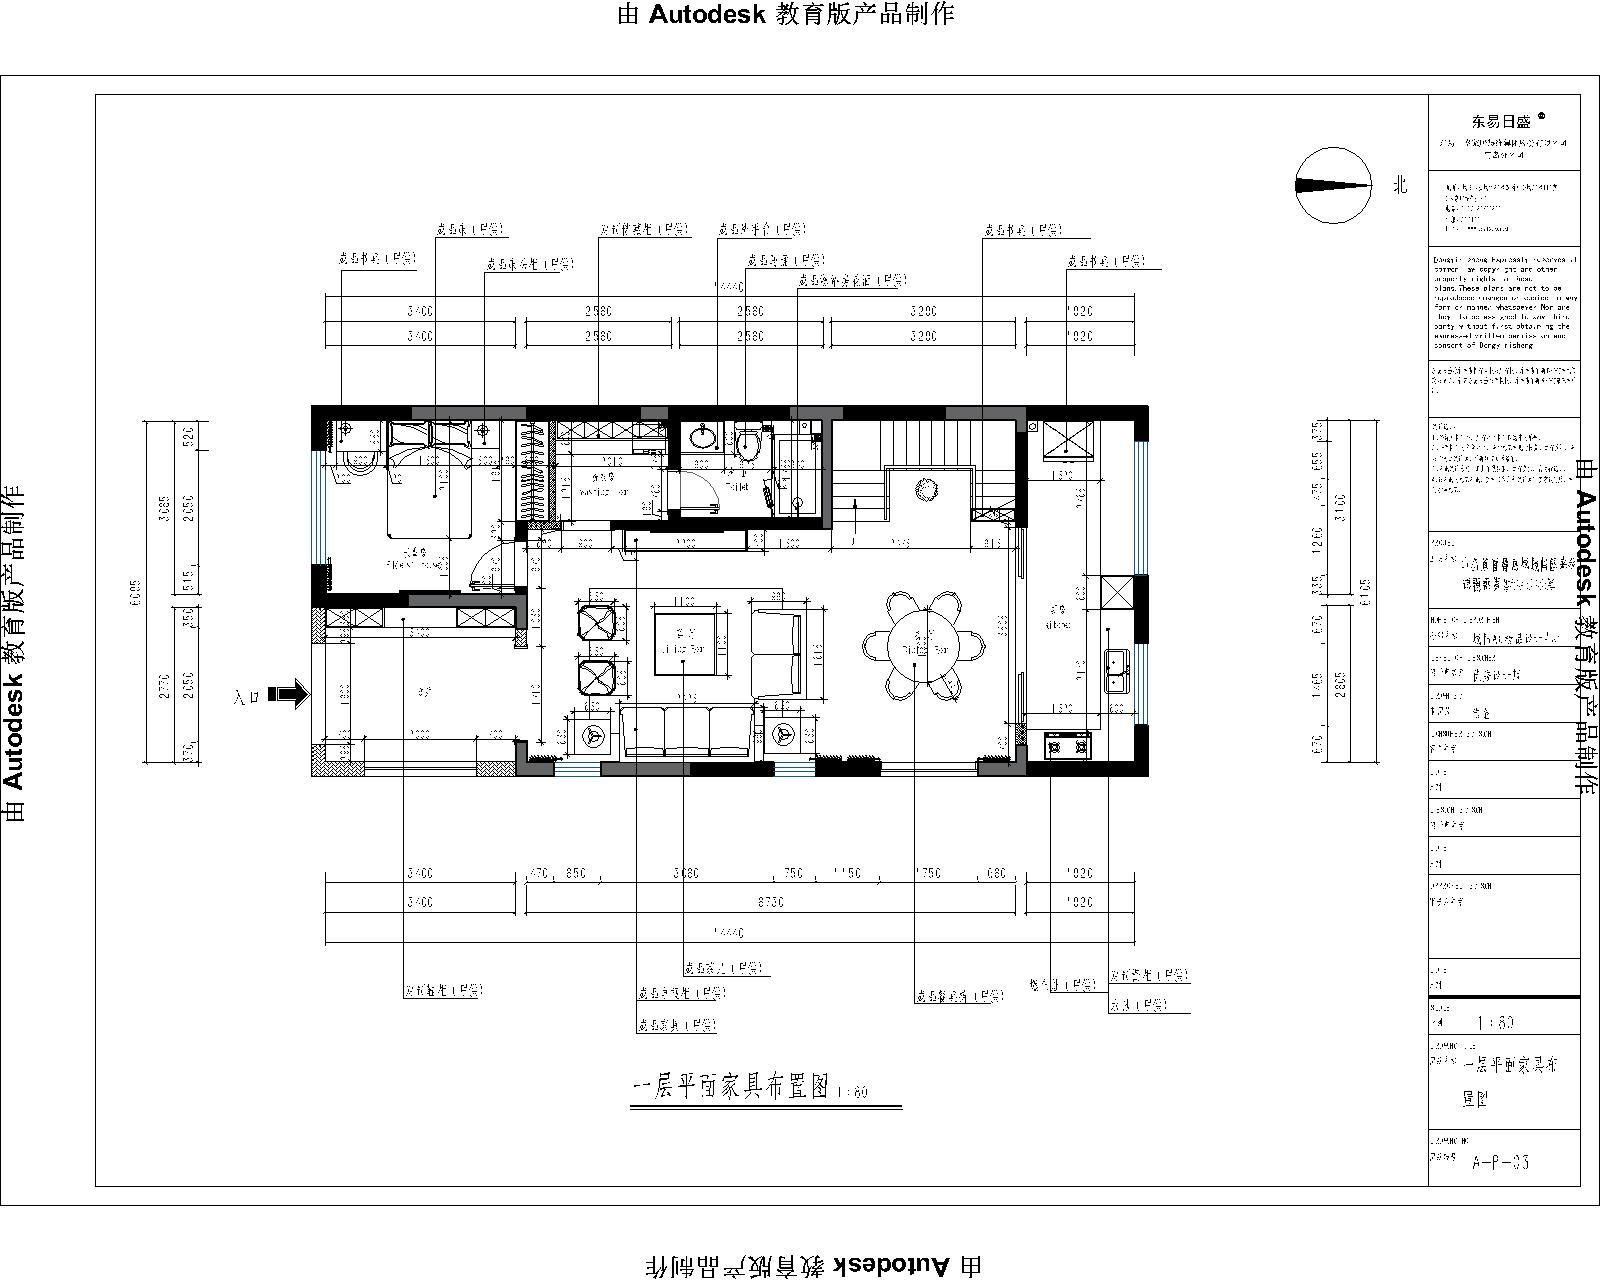 银盛泰德郡 245m/2策划案例 新中式装潢成果图装潢策划愿景